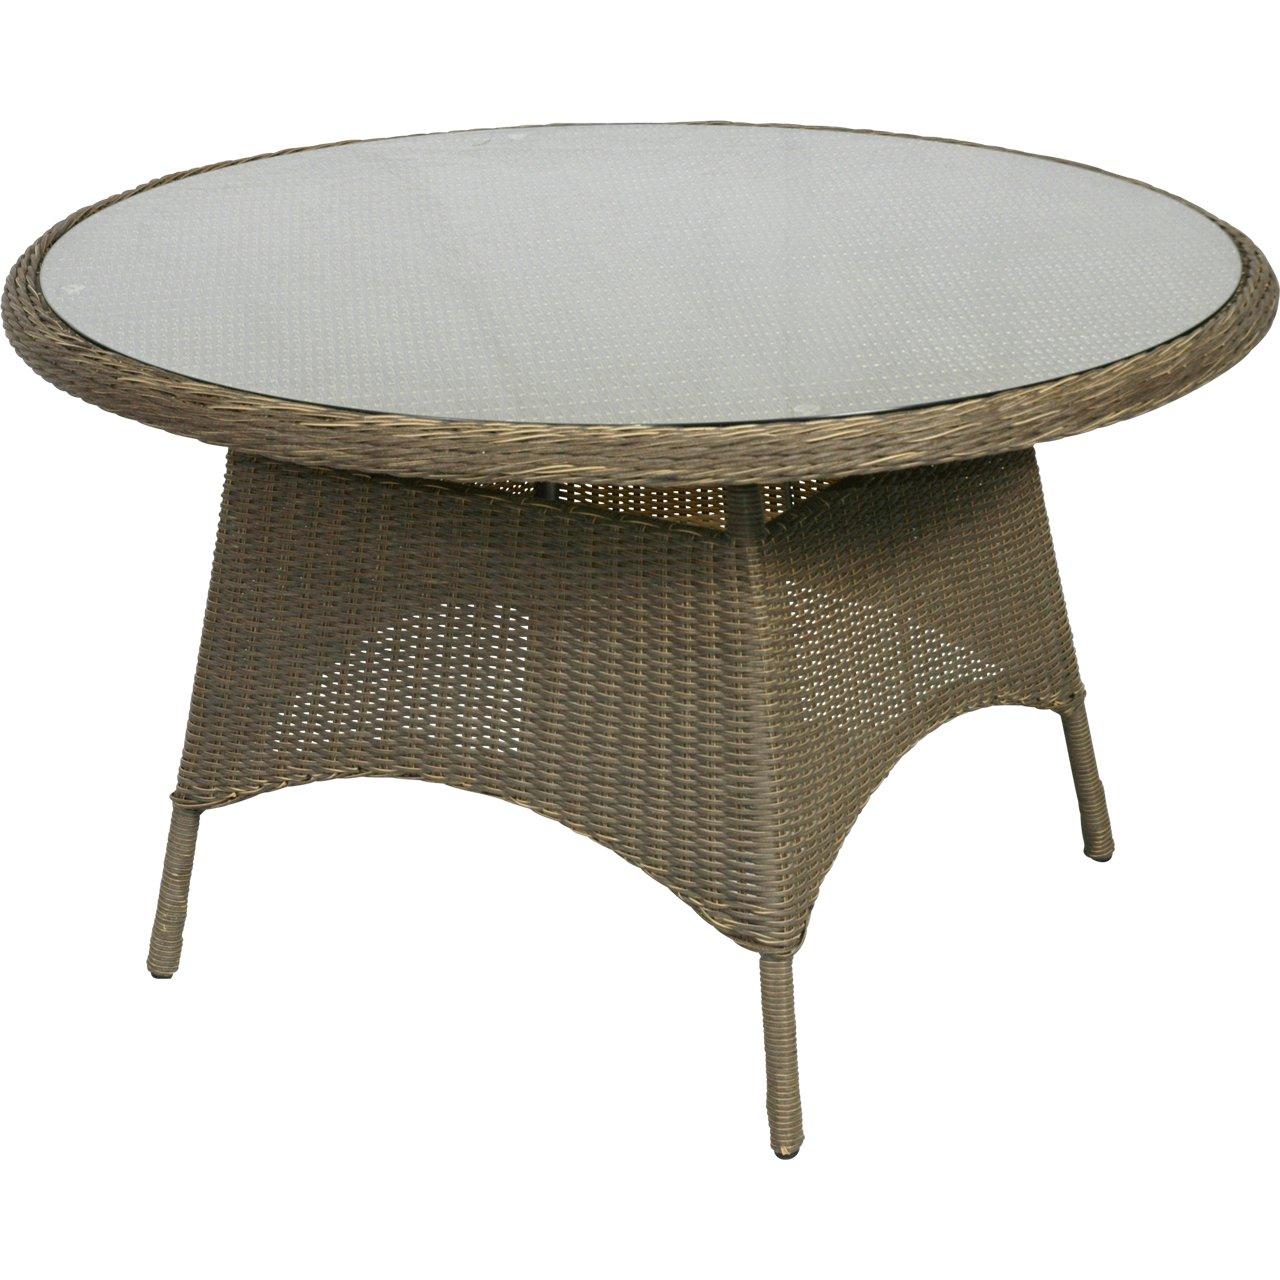 Gartentisch Alu-Gestell mit honigfarbenem Geflecht und Glasplatte ø125x76cm